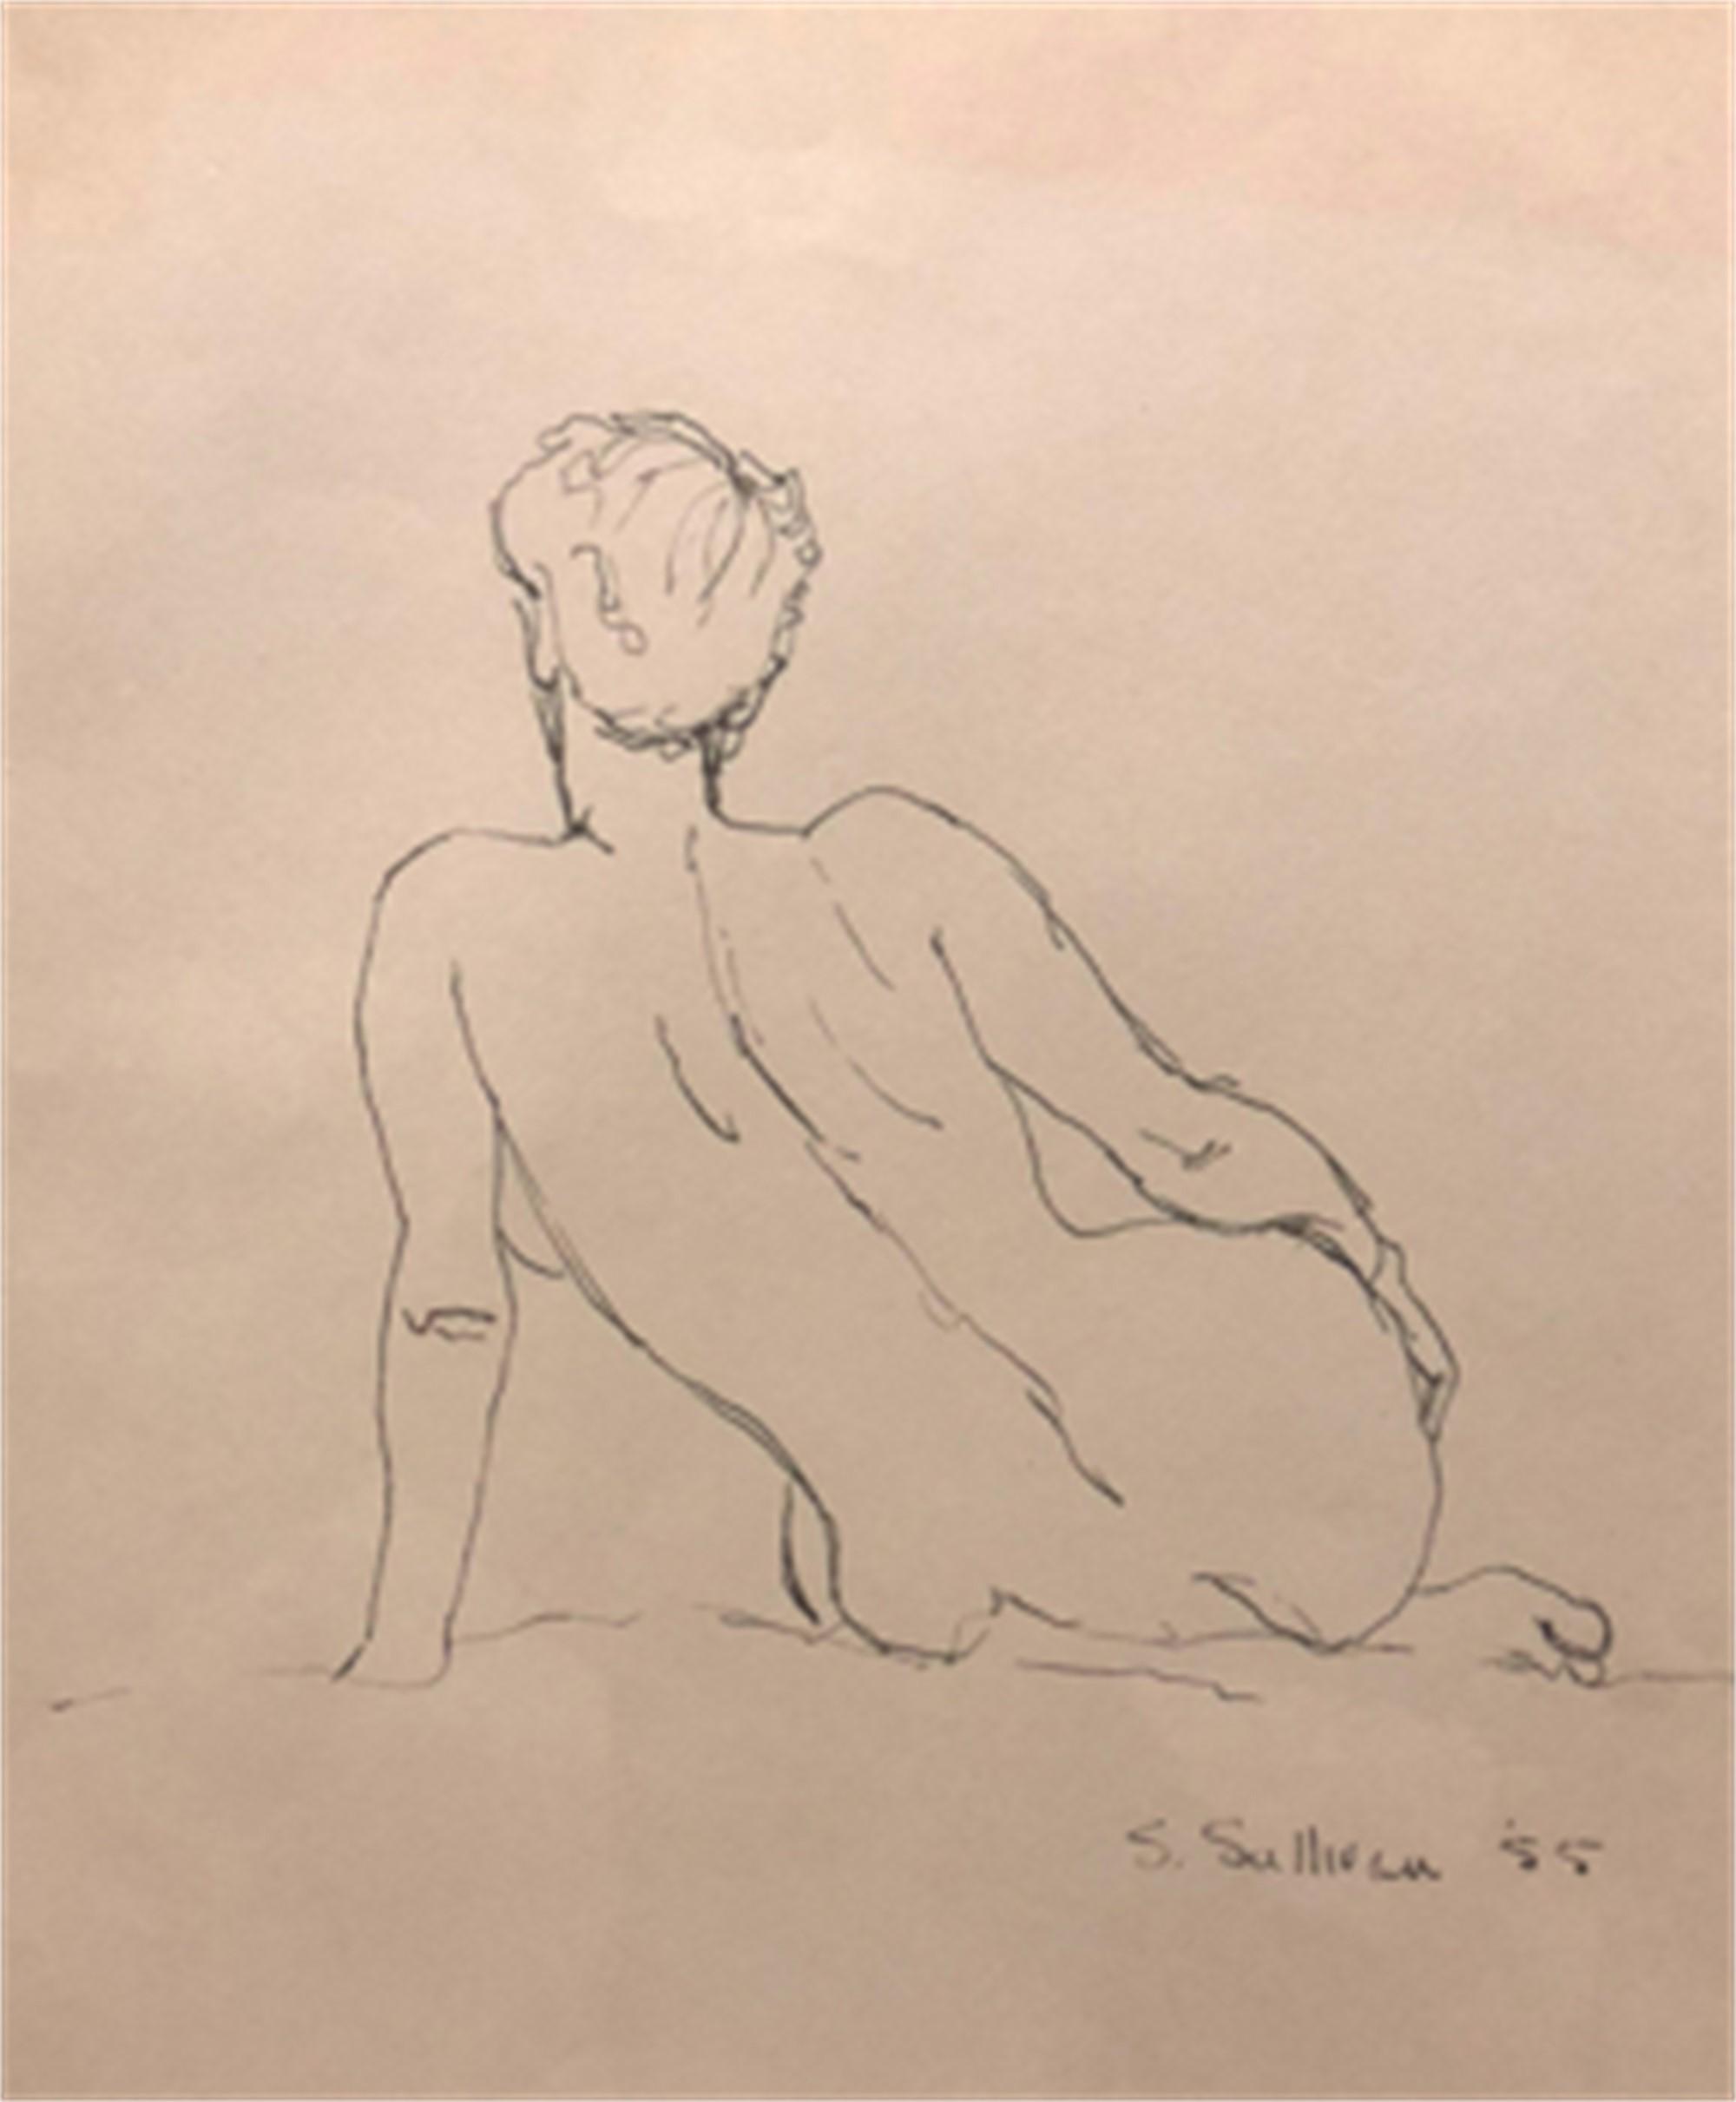 Nude Sketch 2 by Stella Sullivan